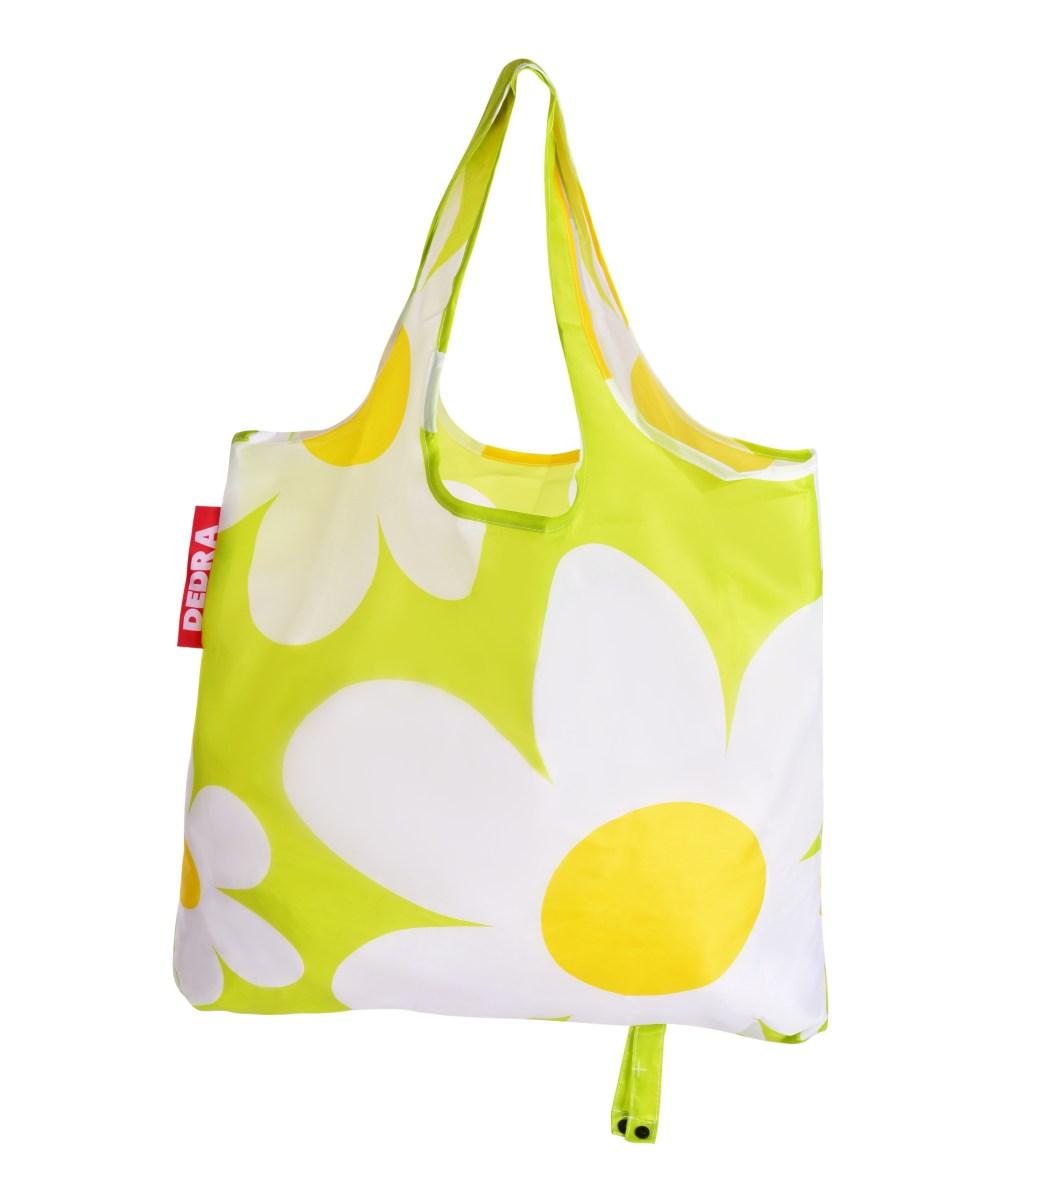 Nákupní skládací taška k opakovanému použití, CITYBAG DAISY (kopretina)